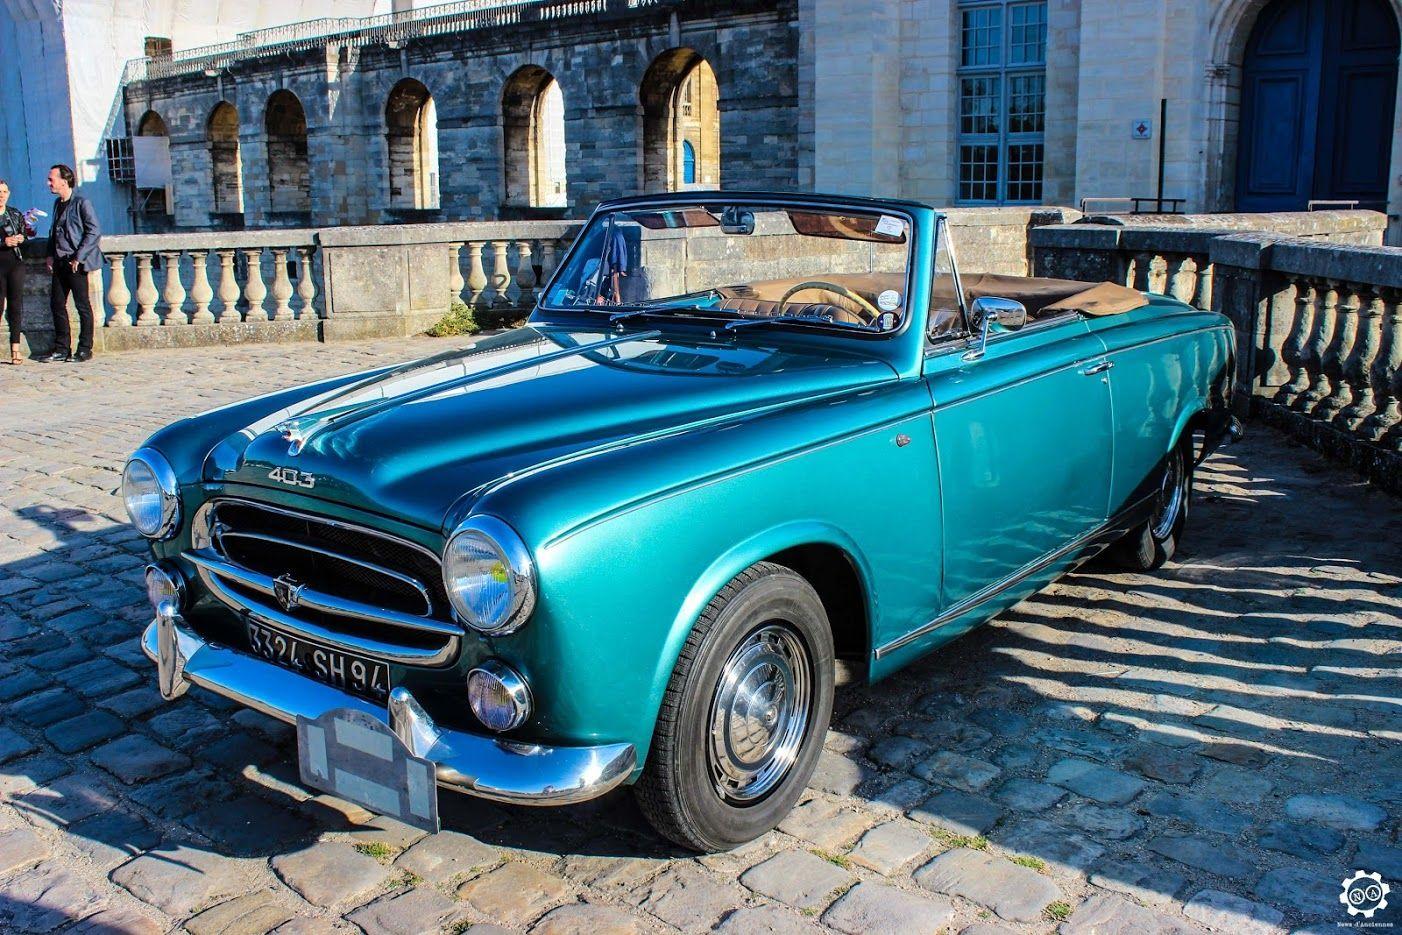 #Peugeot #403 #Cabriolet à la Traversée de #Paris en #Voitures #Anciennes #TdP2015 Article original : http://newsdanciennes.com/2015/08/03/grand-format-news-danciennes-a-la-traversee-de-paris-2/ #Cars #Vintage